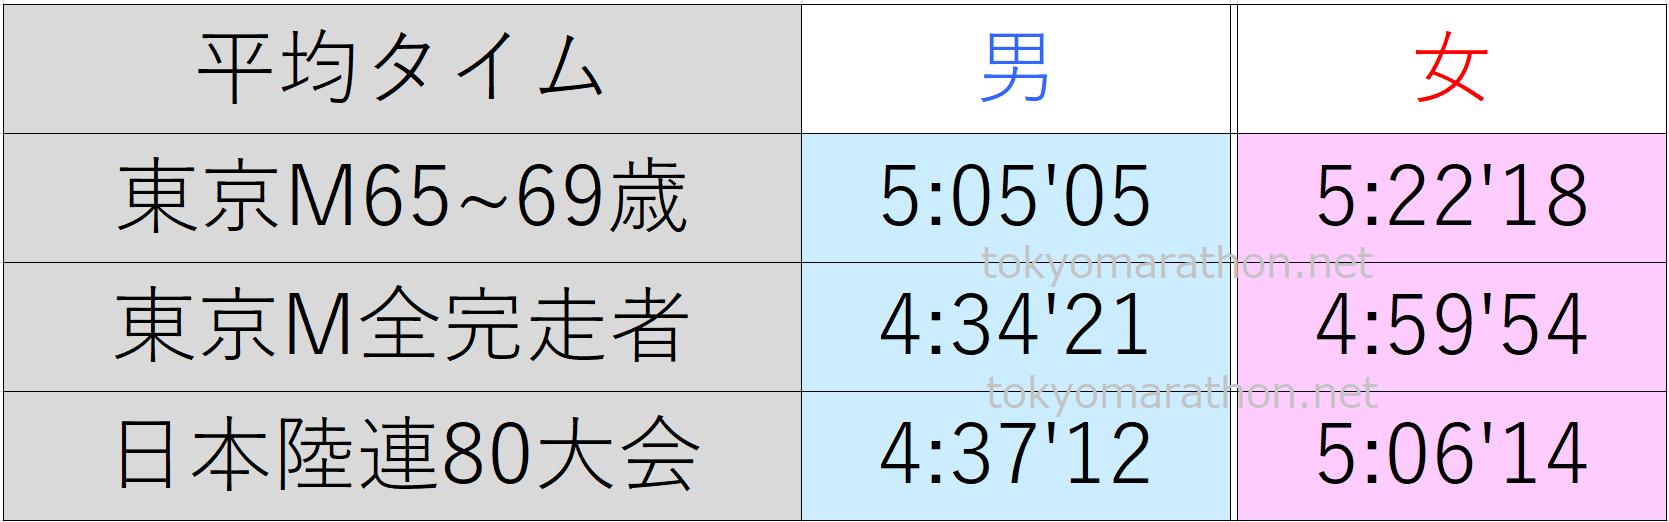 東京マラソン65~69歳の平均タイム、東京マラソン全ランナーの平均タイム、日本陸連公認の80大会の平均タイム一覧表。すべて男女別にまとめた画像です。